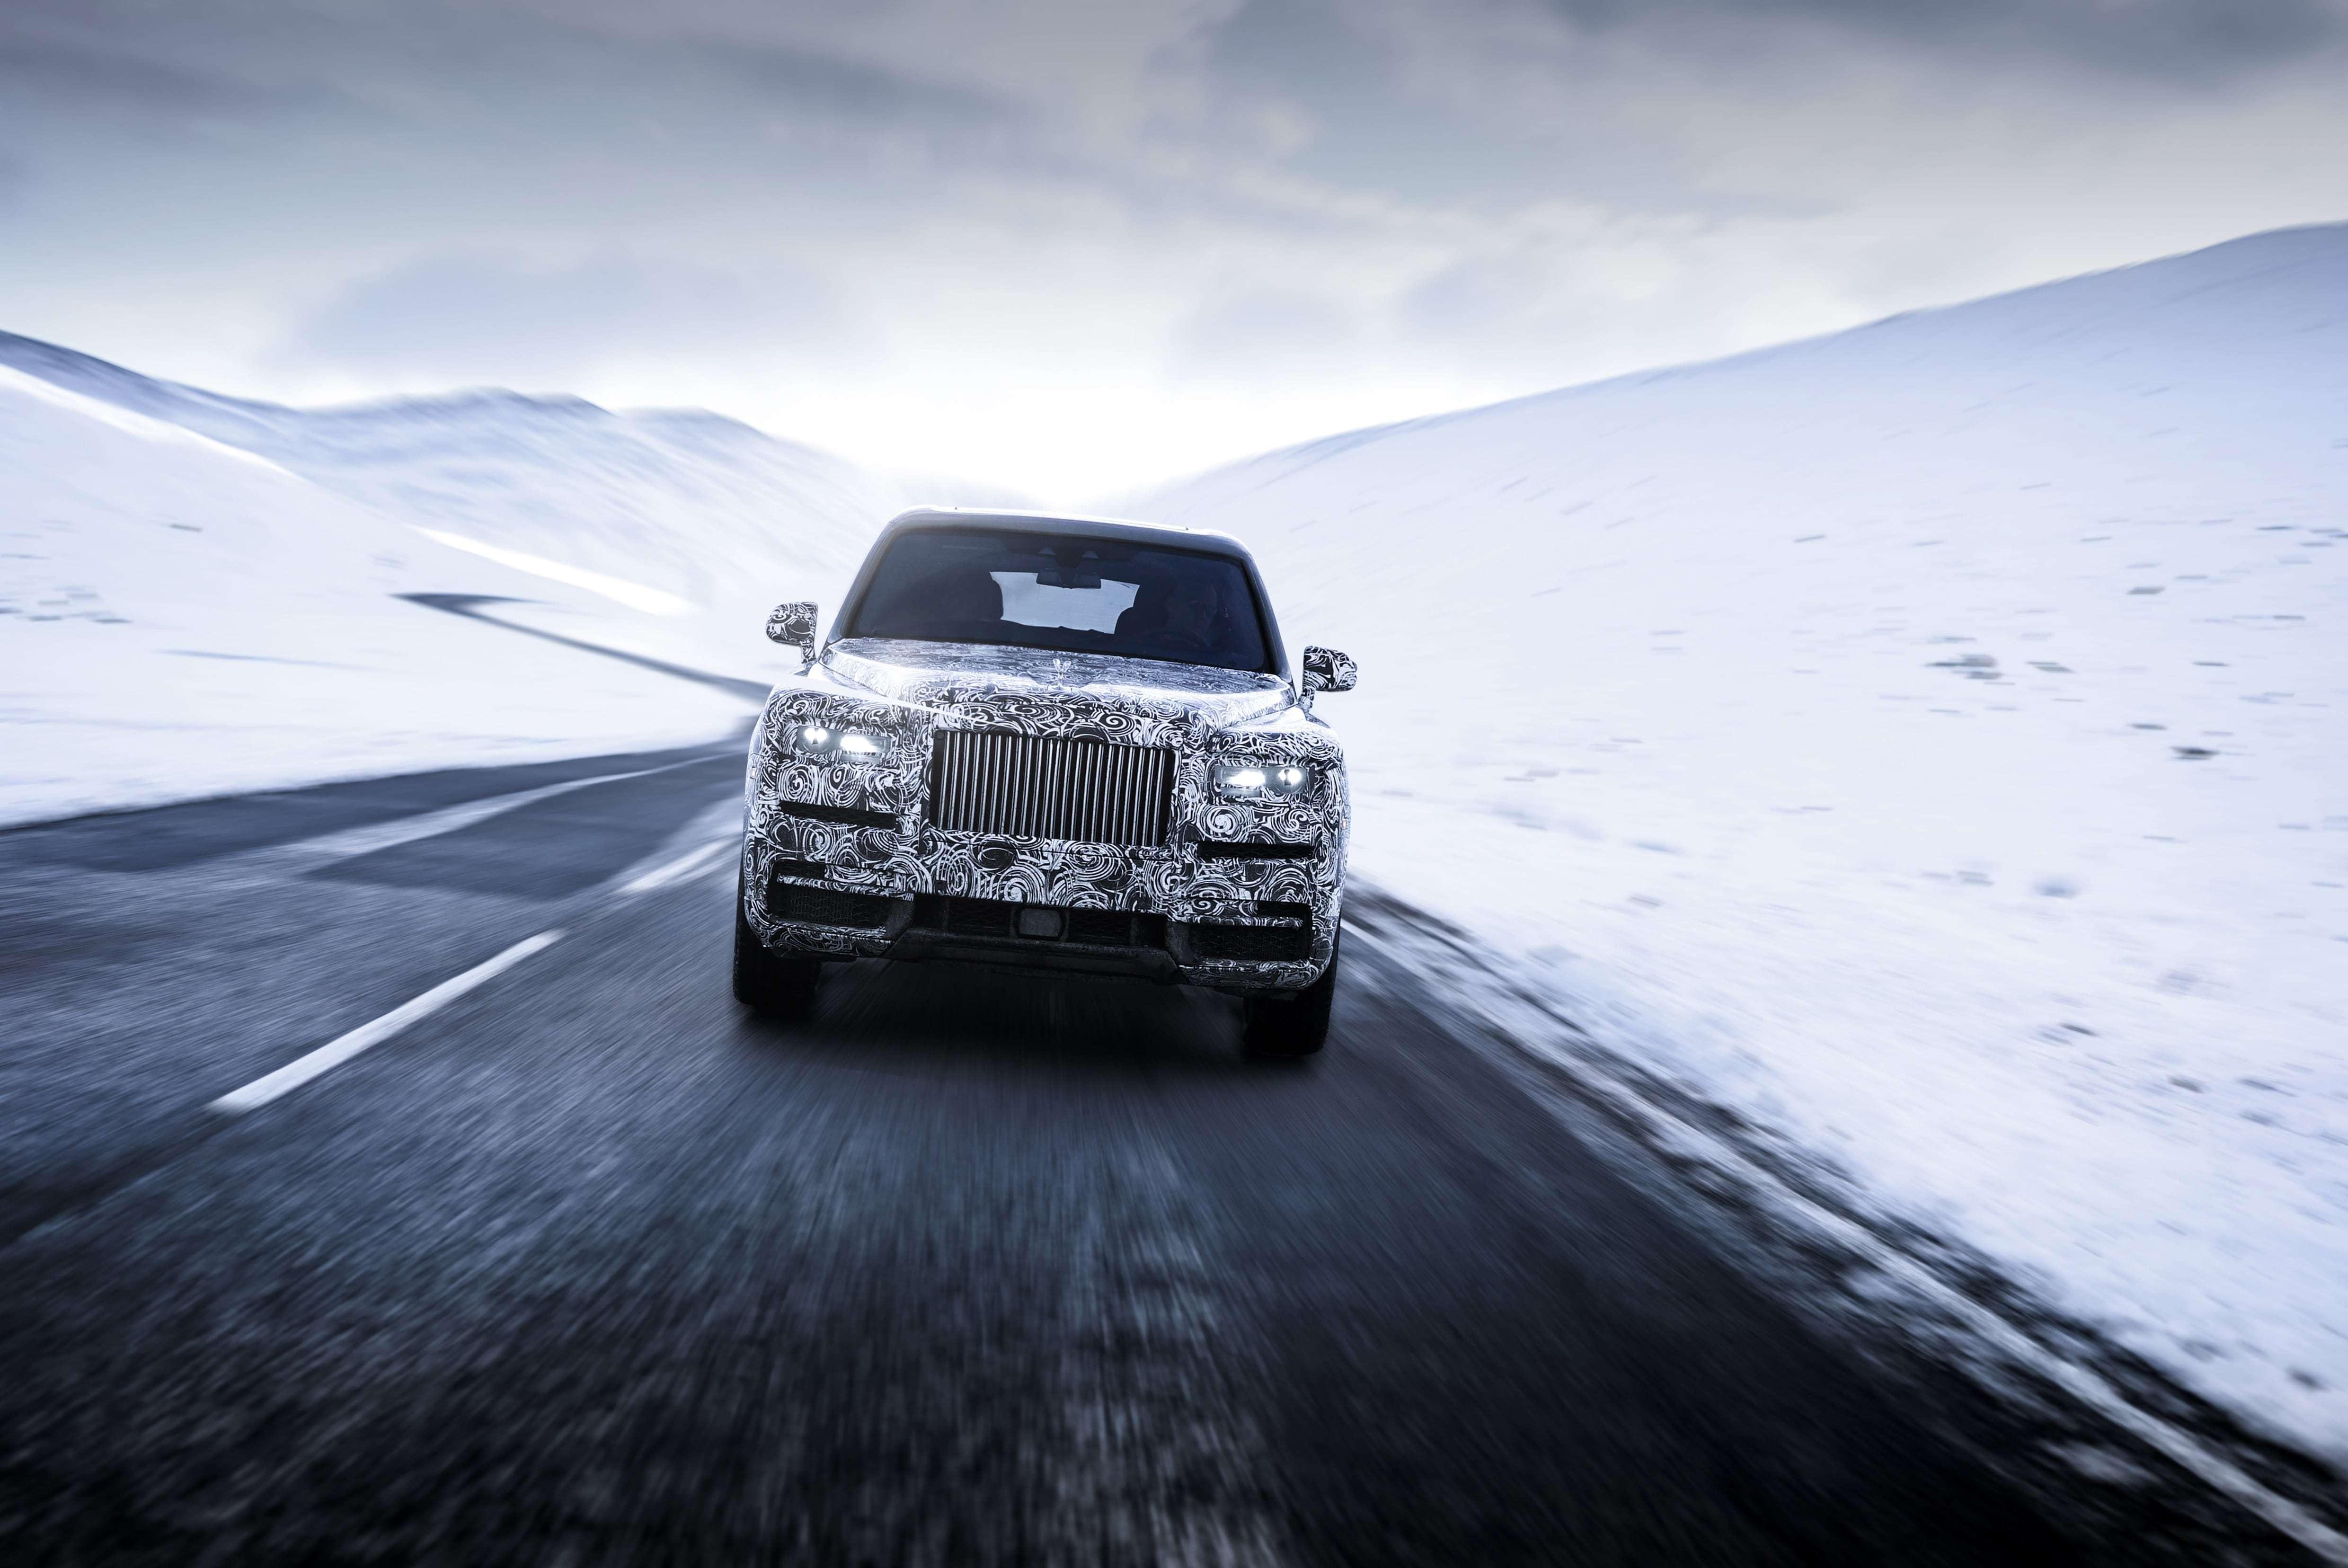 Cullinan Rolls-Royce